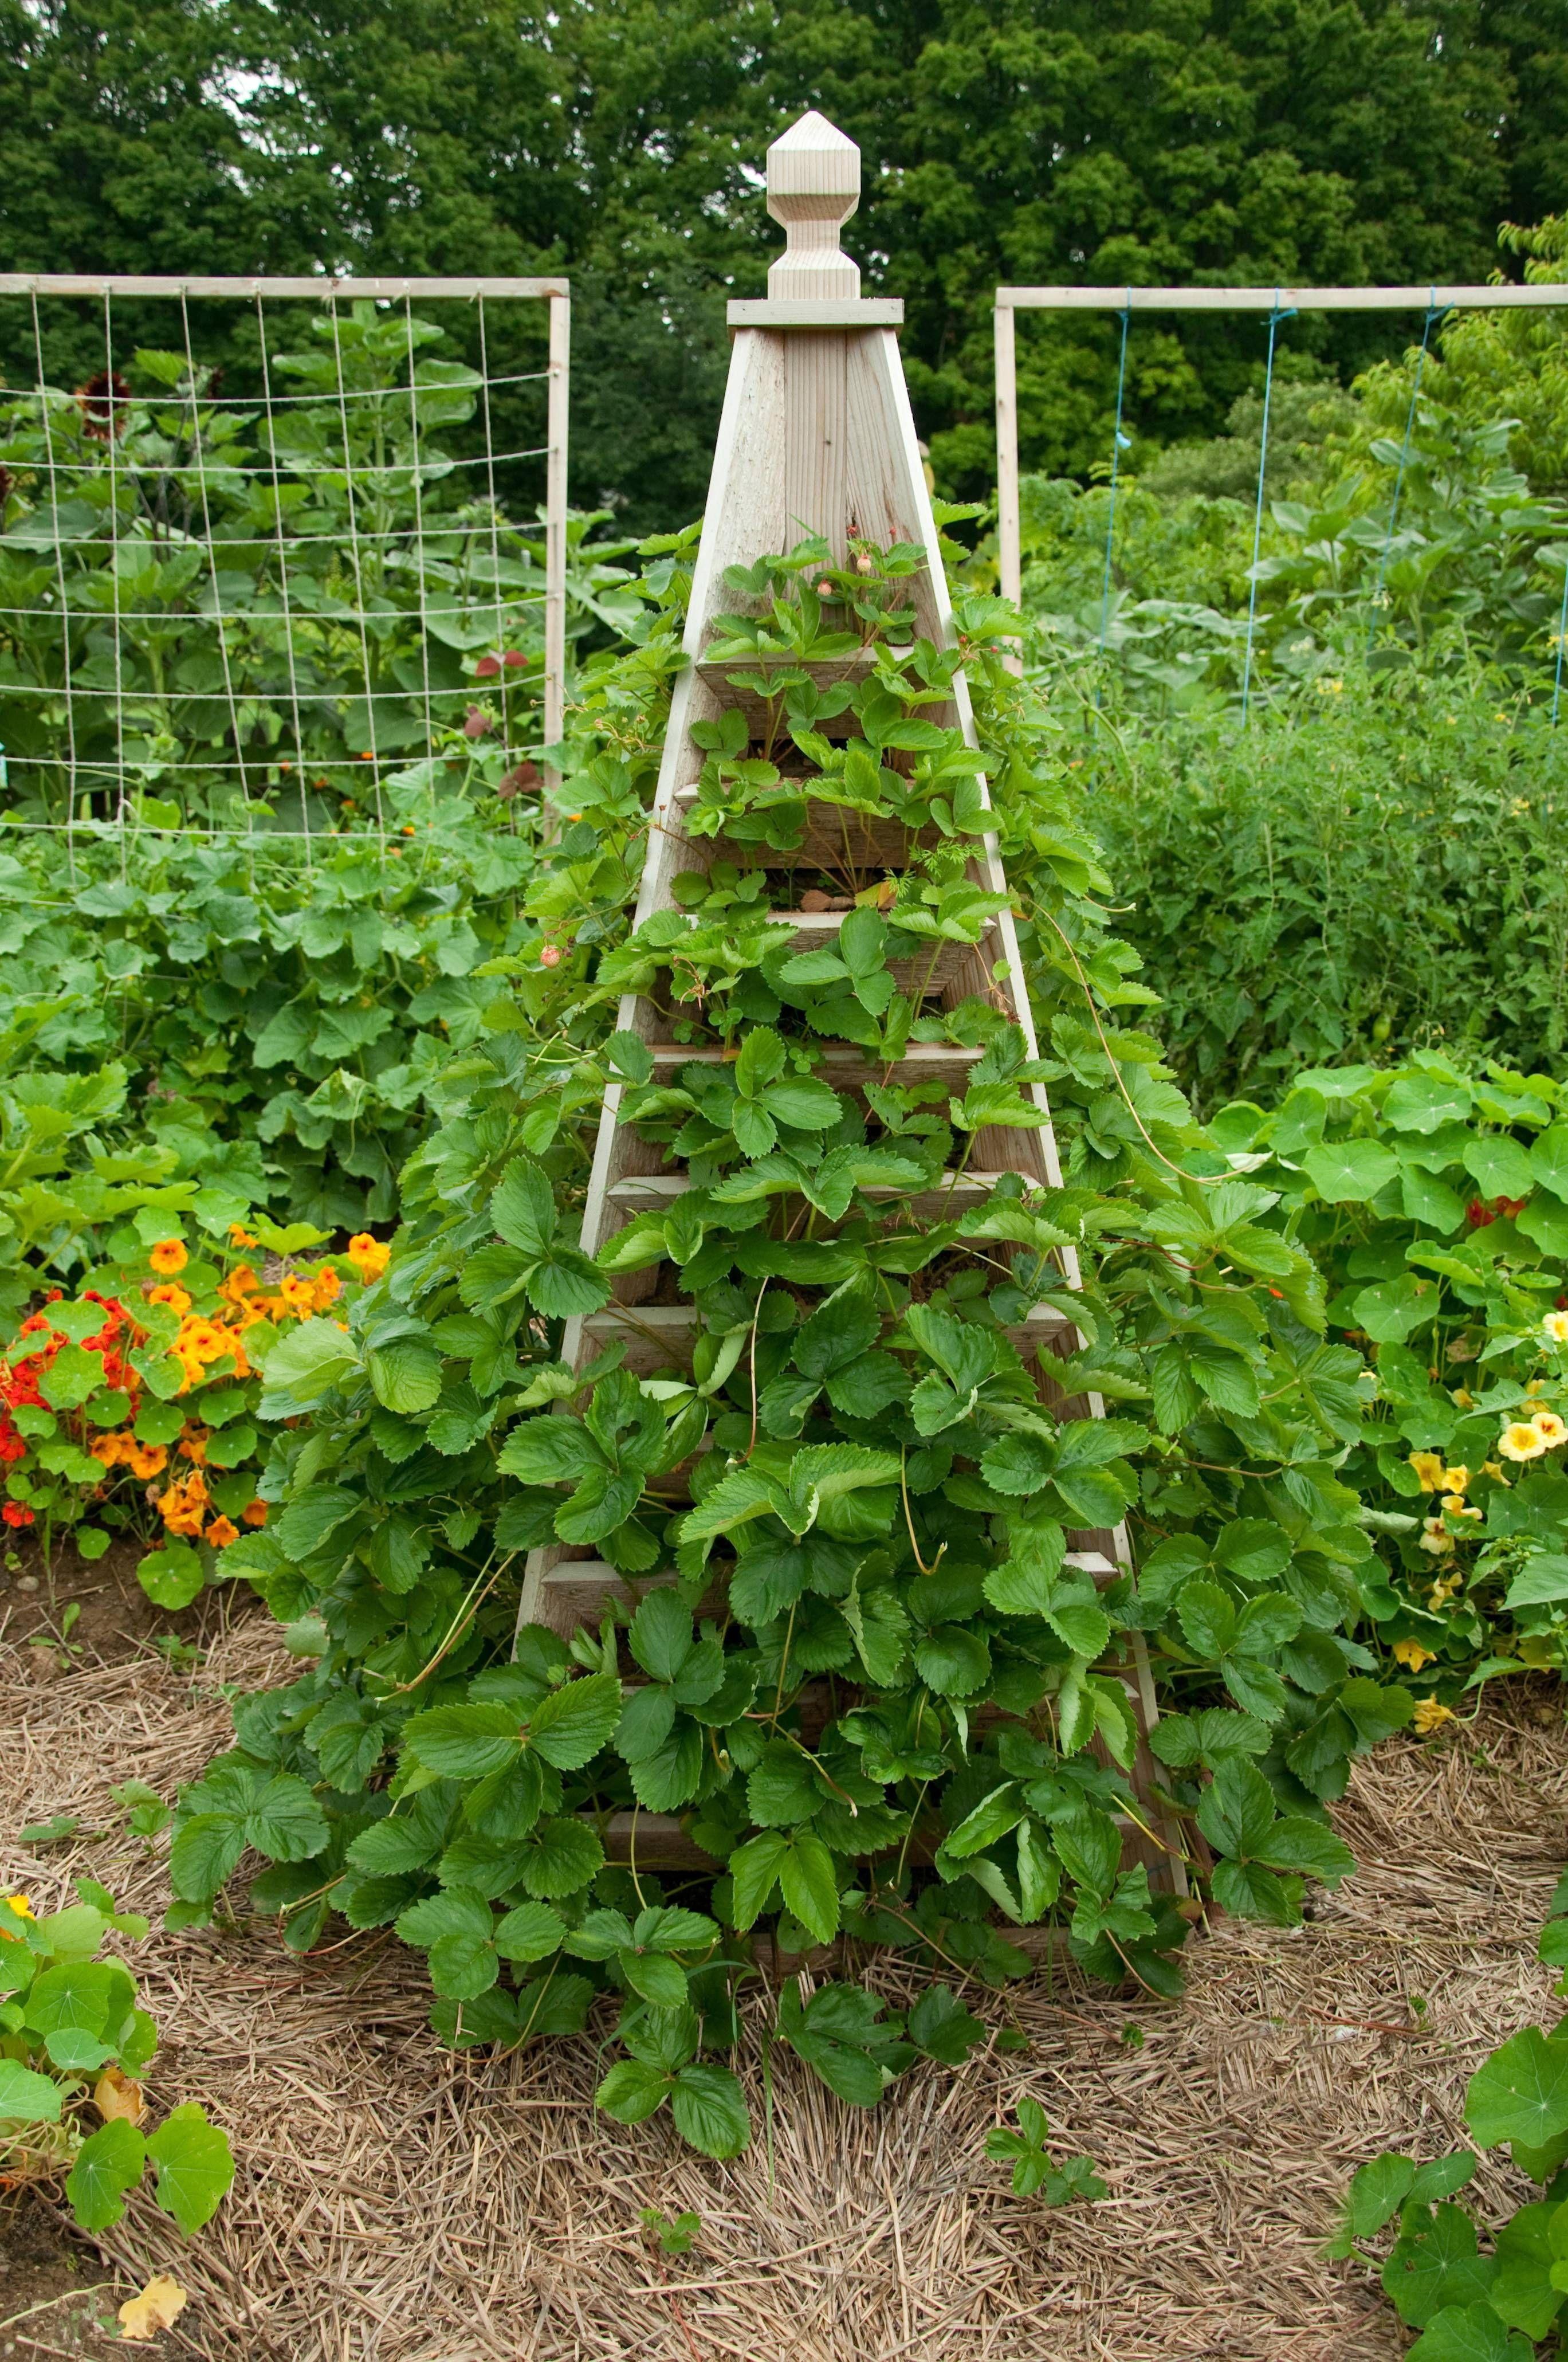 strawberry trellis photo by ali kaukas from the plete kitchen